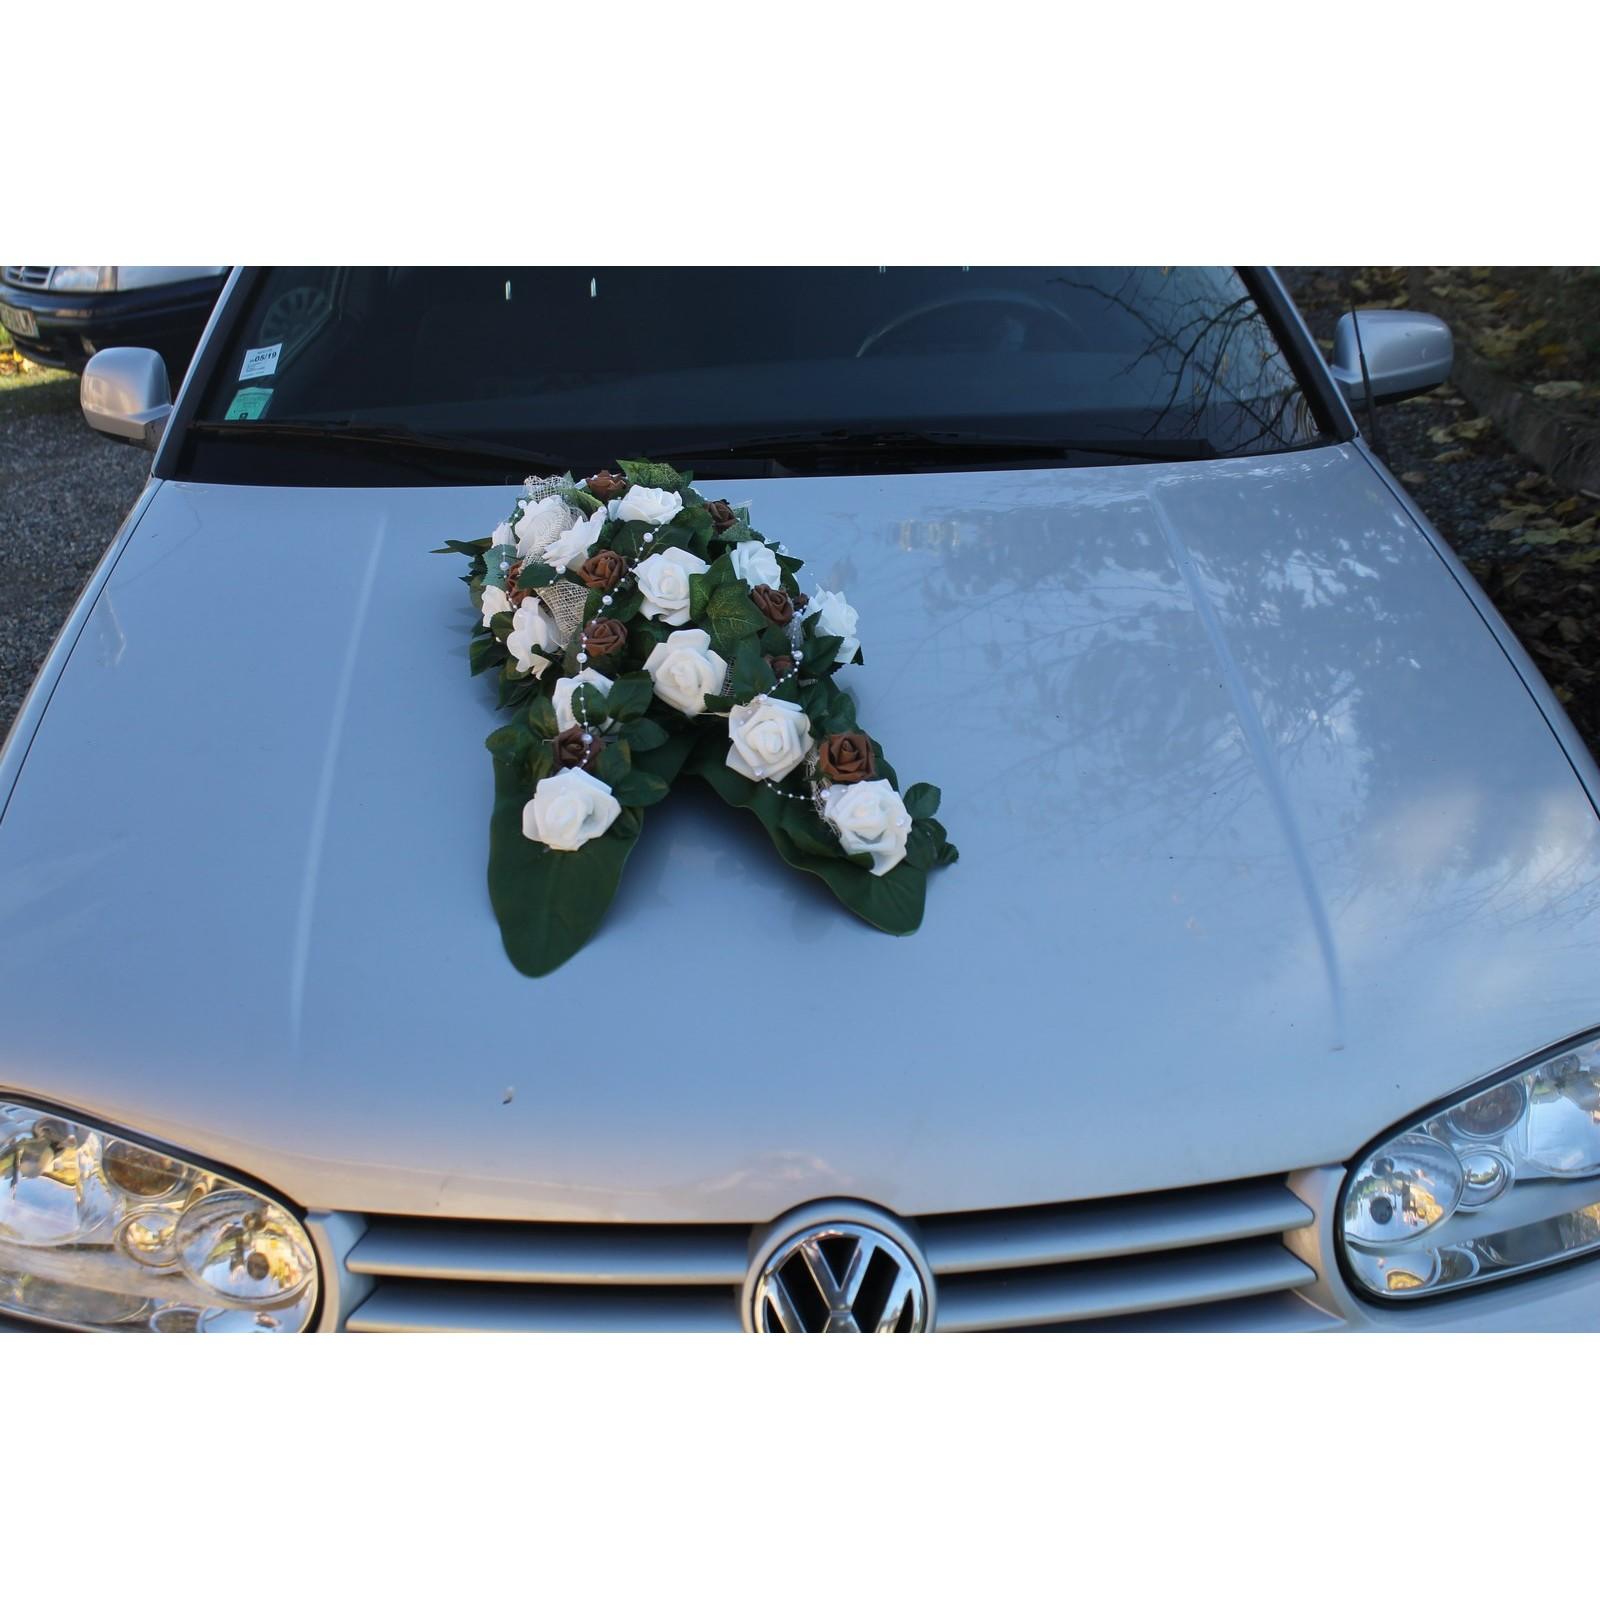 d co voiture de mariage th me chocolat avec des roses bouquet de la mariee. Black Bedroom Furniture Sets. Home Design Ideas